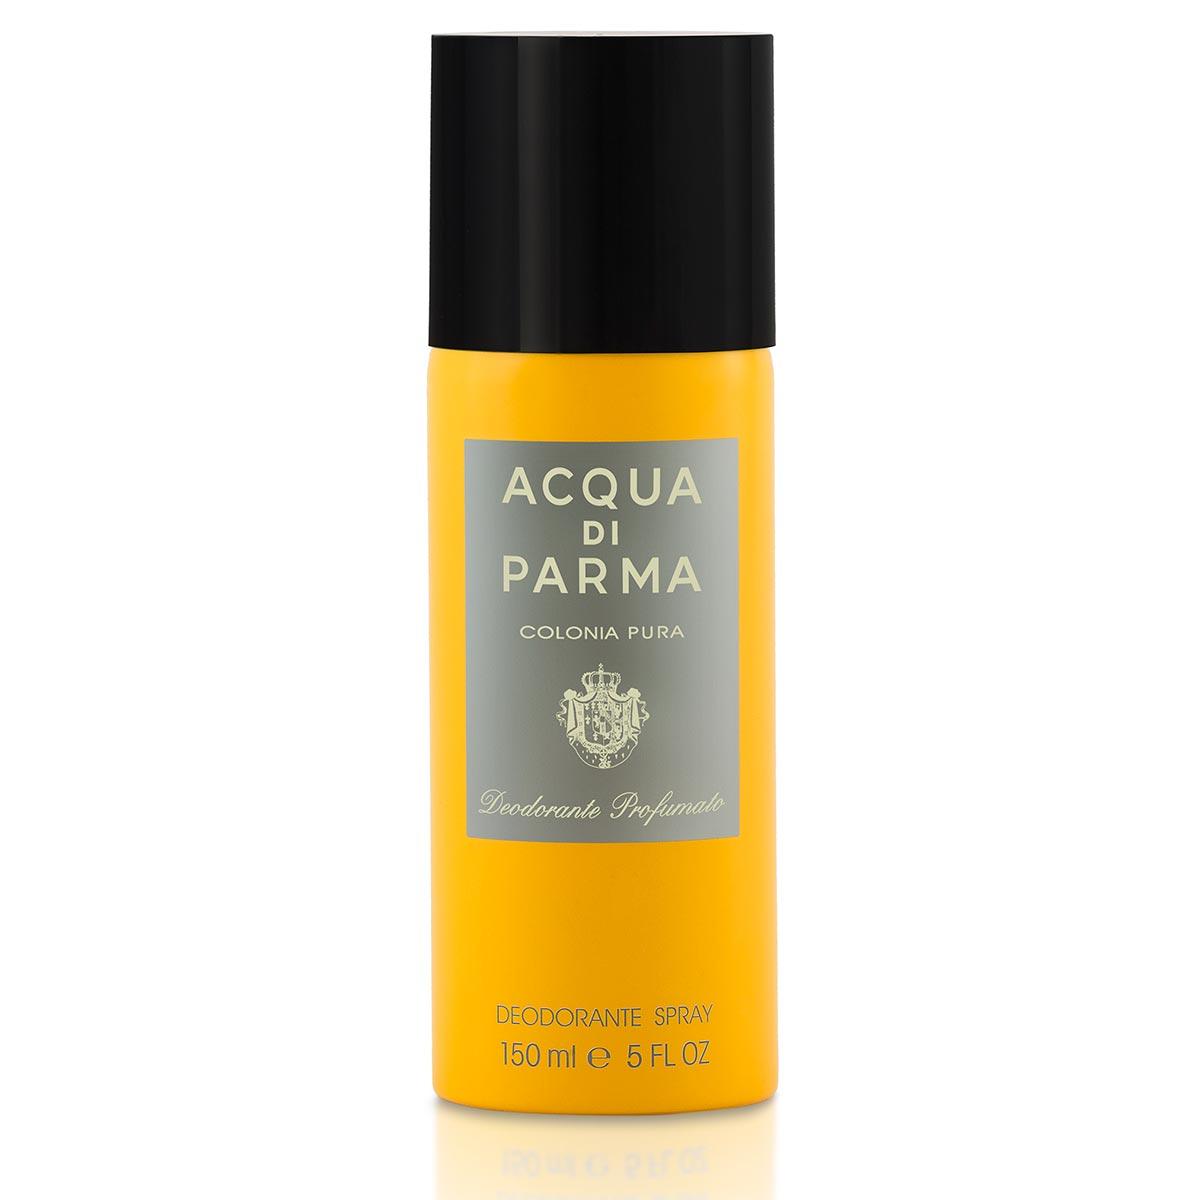 Acqua di Parma - Colonia Pura - Déodorant Spray 150 ml